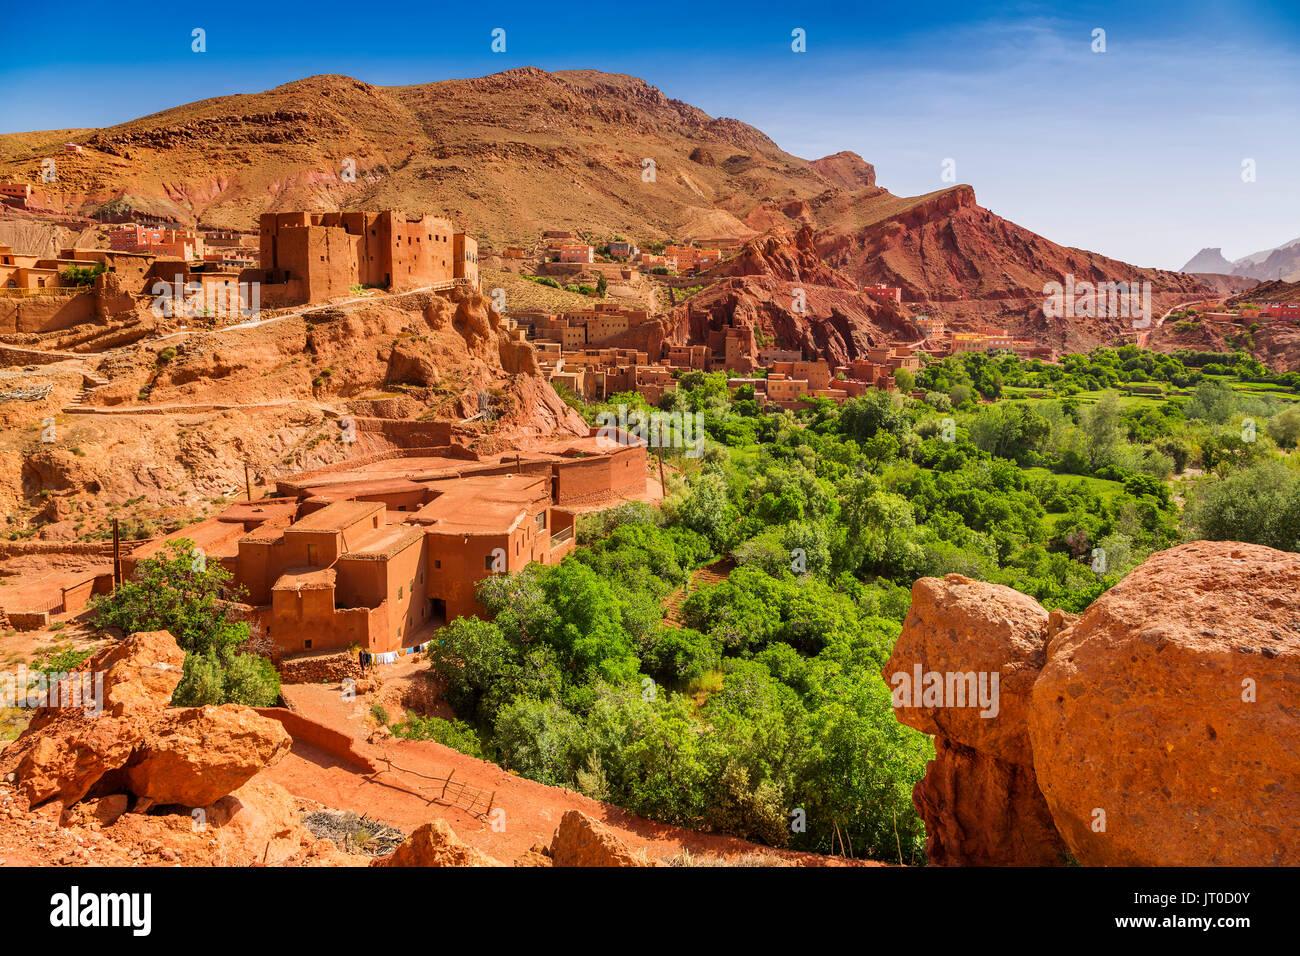 Dades Tal, Dades Schluchten, Hohen Atlas. Marokko, Maghreb Nordafrika Stockbild